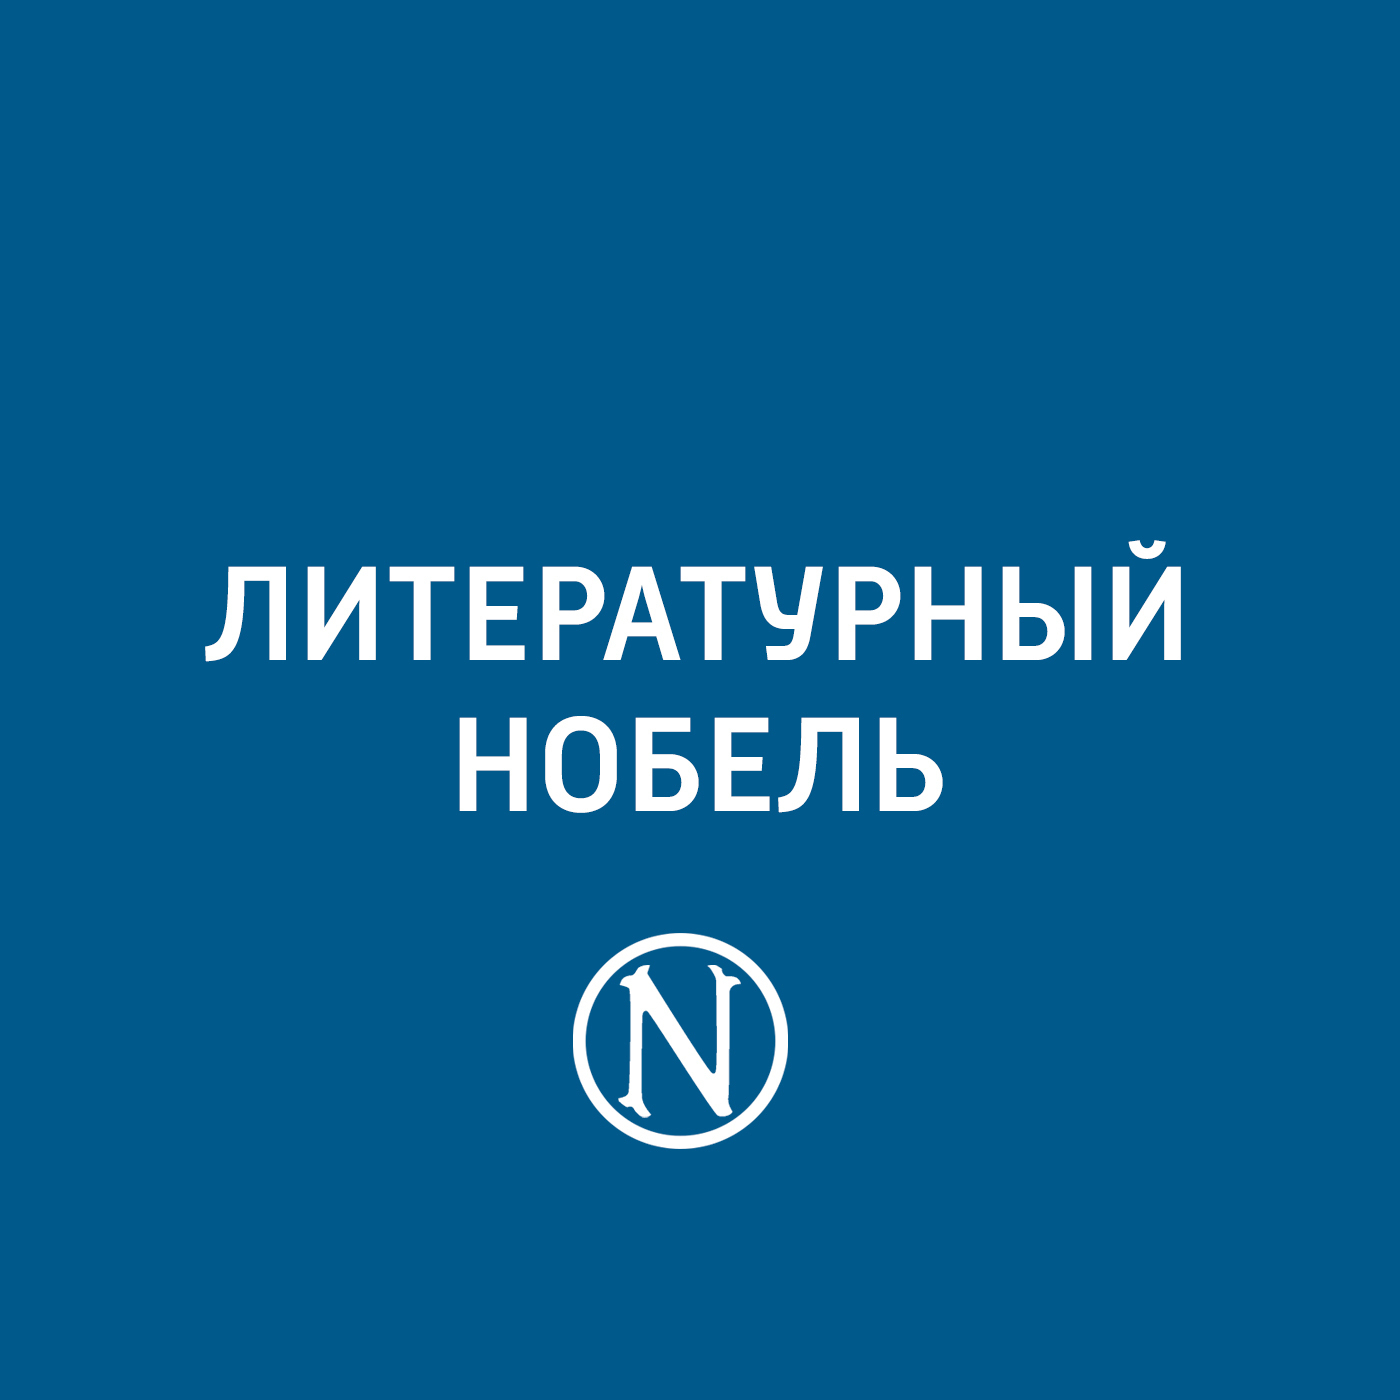 Евгений Стаховский Бернард Шоу лауреаты нобелевской премии по экономике том 3 1997 2009